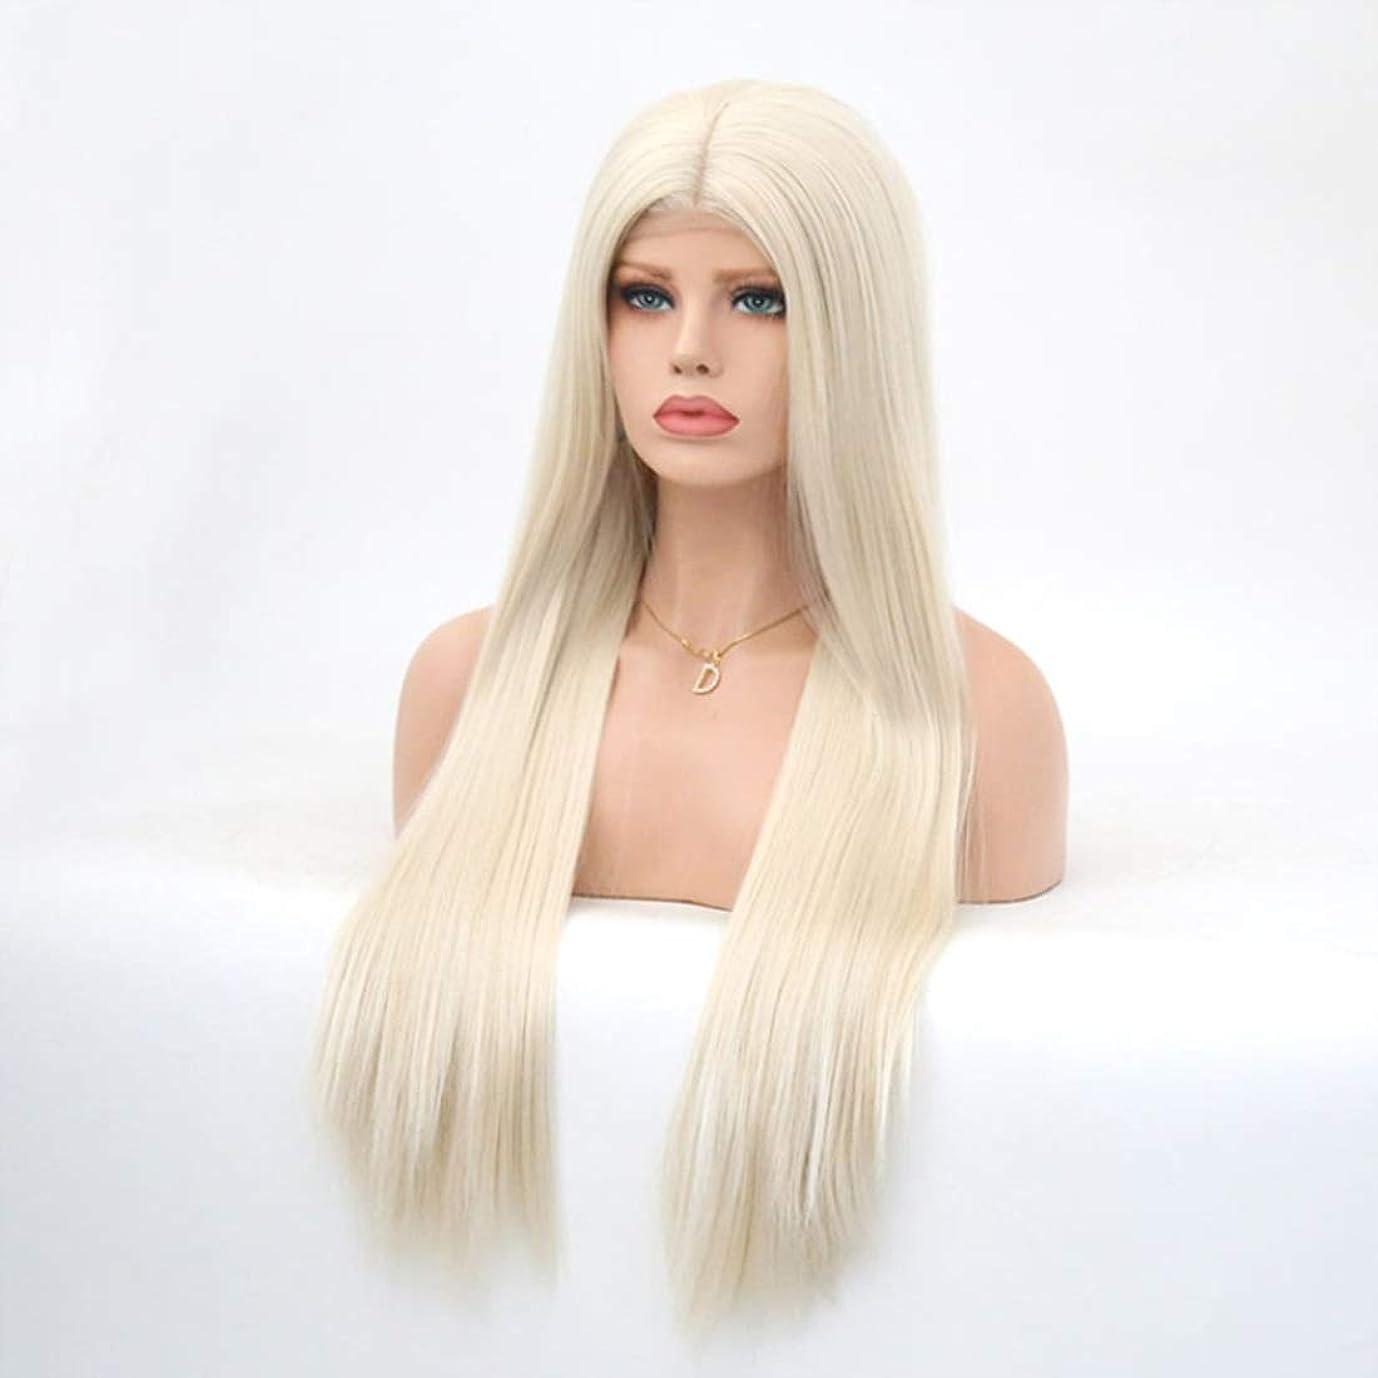 リクルート悲しいことに拘束するSummerys レディースシルクロングストレートブラックウィッグ耐熱合成かつら前髪付きウィッグ女性用ウィッグ